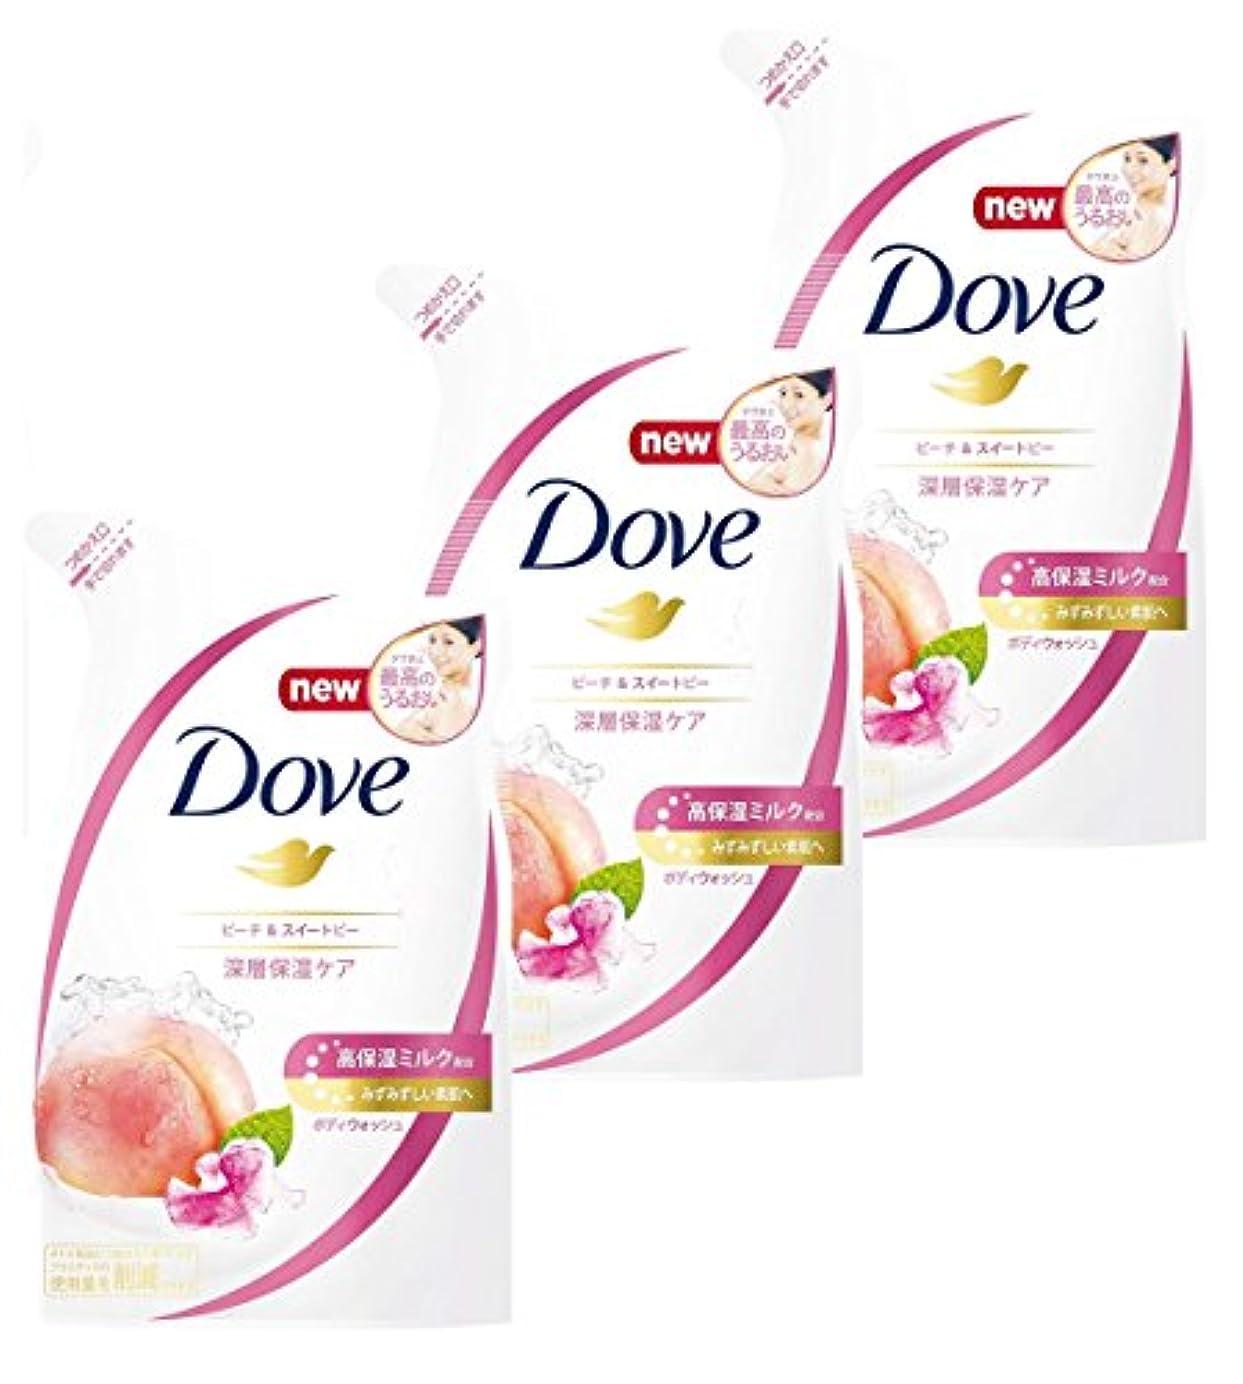 退却キリスト教どこにも【まとめ買い】Dove(ダヴ) ボディウォッシュ ピーチ & スイートピー つめかえ用 360g×3個